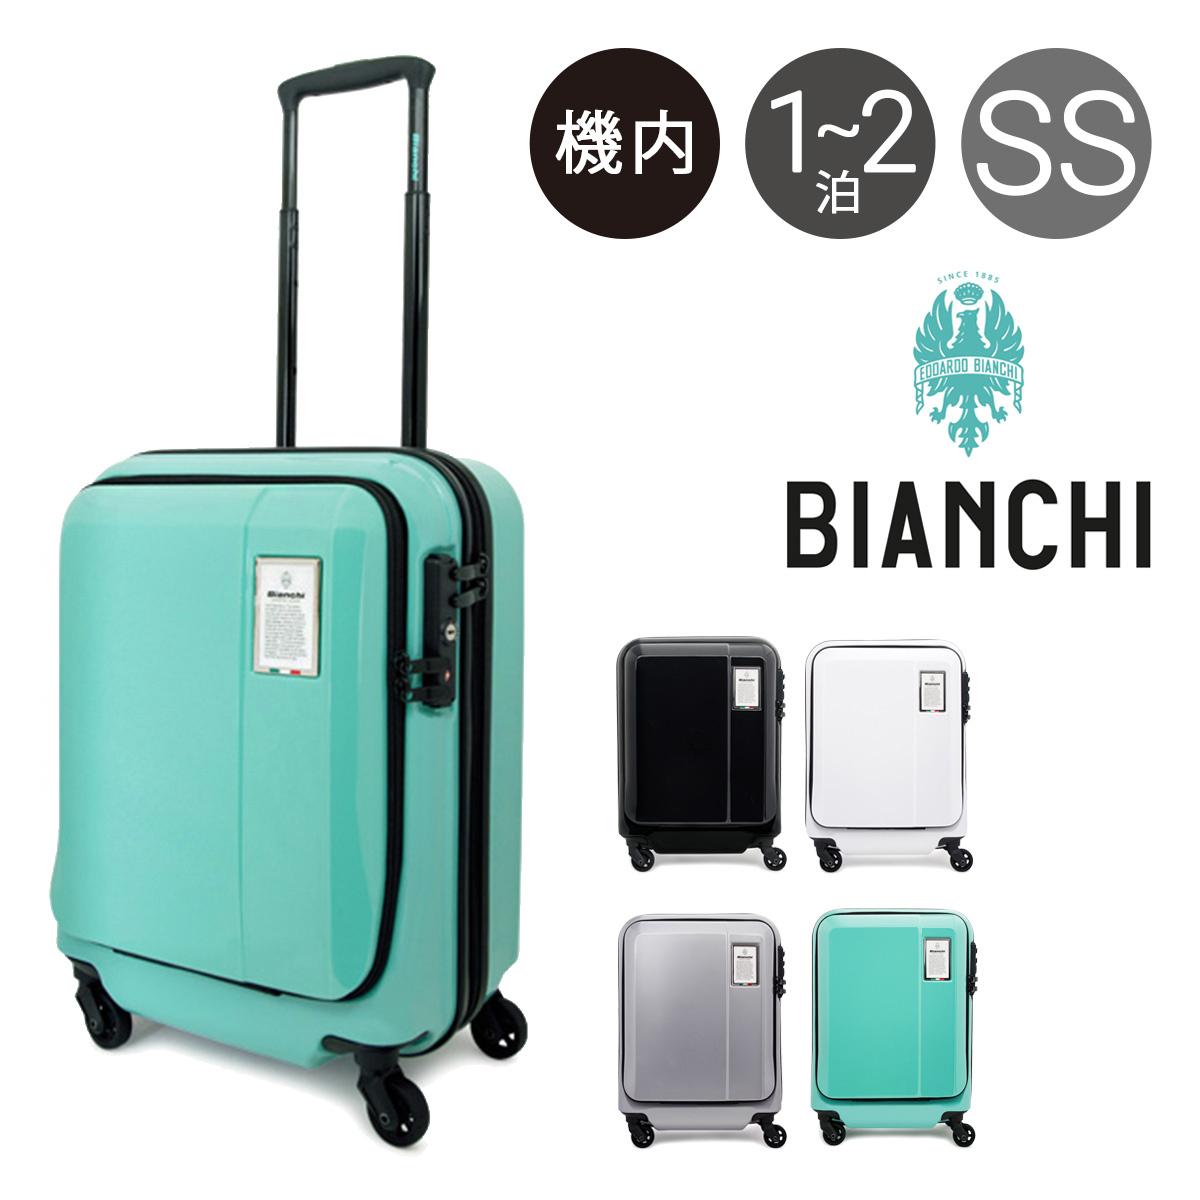 ビアンキ スーツケース 当社限定|機内持ち込み 32L 46cm 3kg BCHC-D1180|フロントオープン ハード ファスナー [PO5][即日発送]